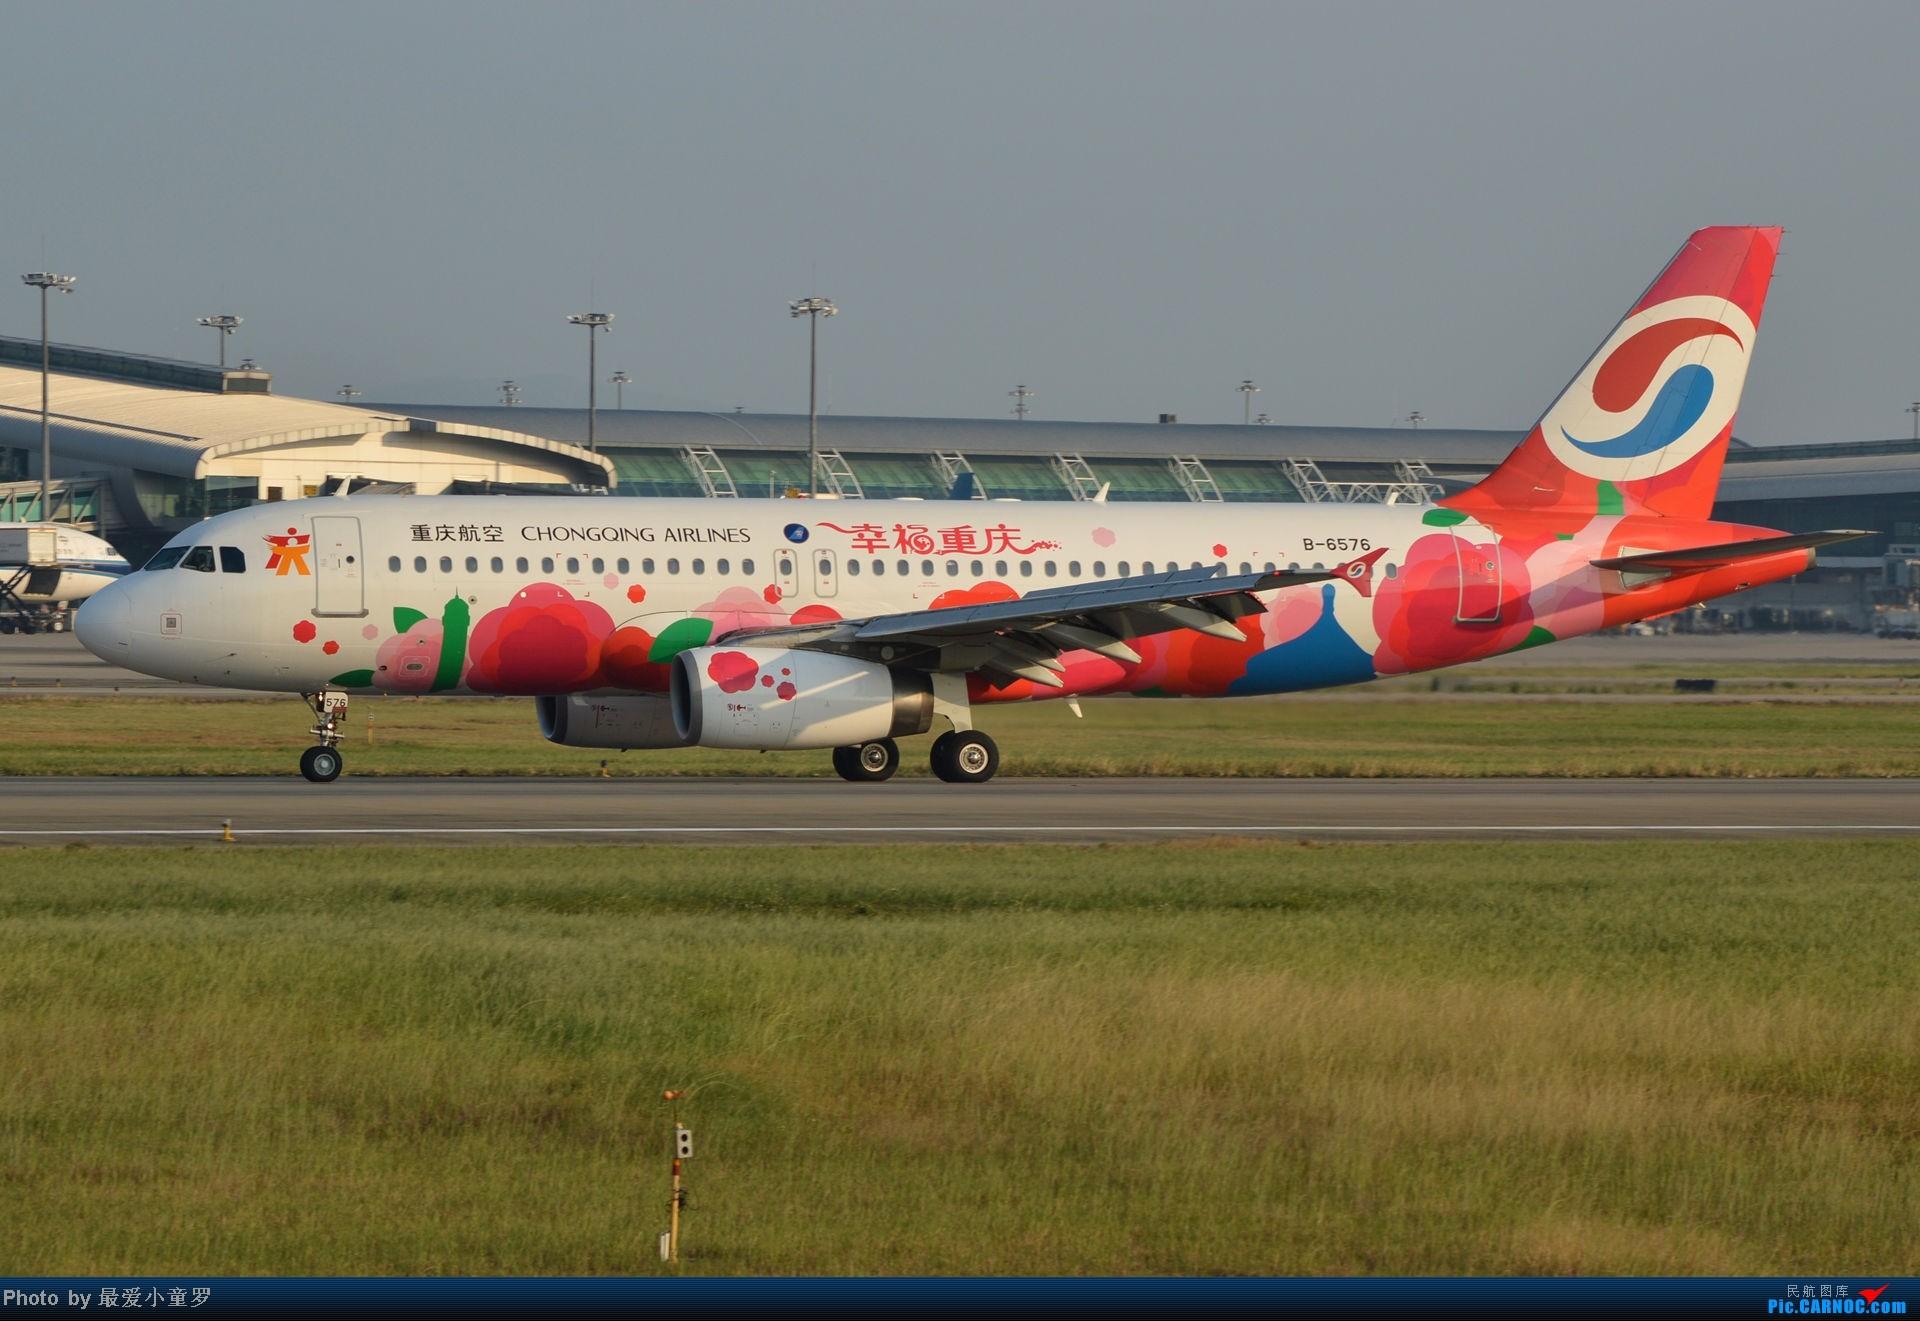 Re:[原创]老图系列,13年11月15日广州白云机场西跑拍机 AIRBUS A320-200 B-6576 中国广州白云机场